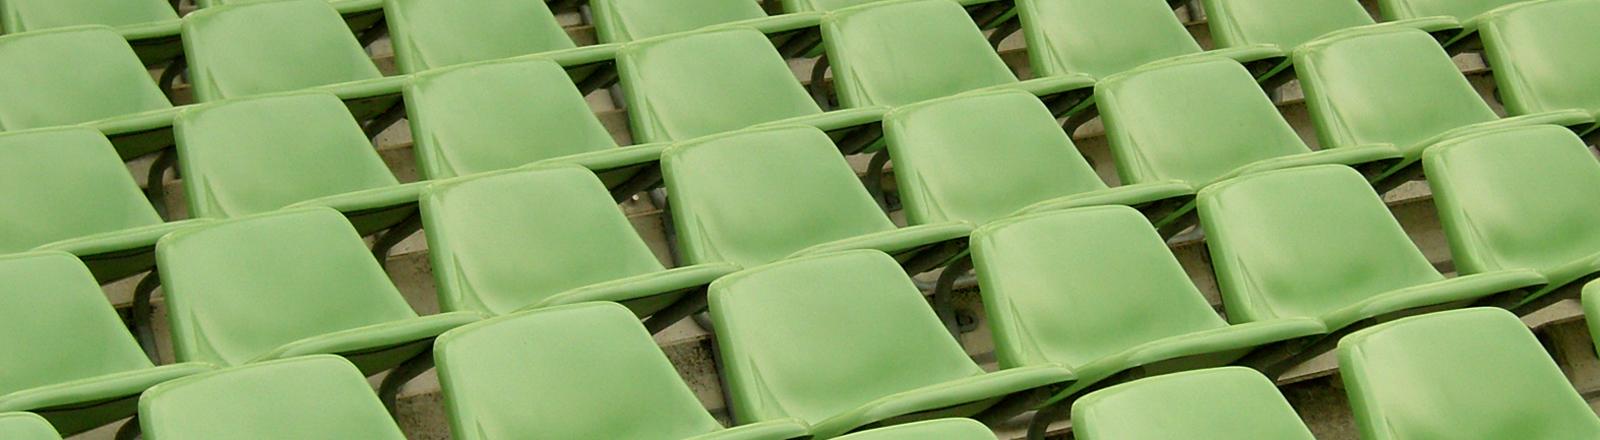 Leere grüne Sitze auf einer Tribüne